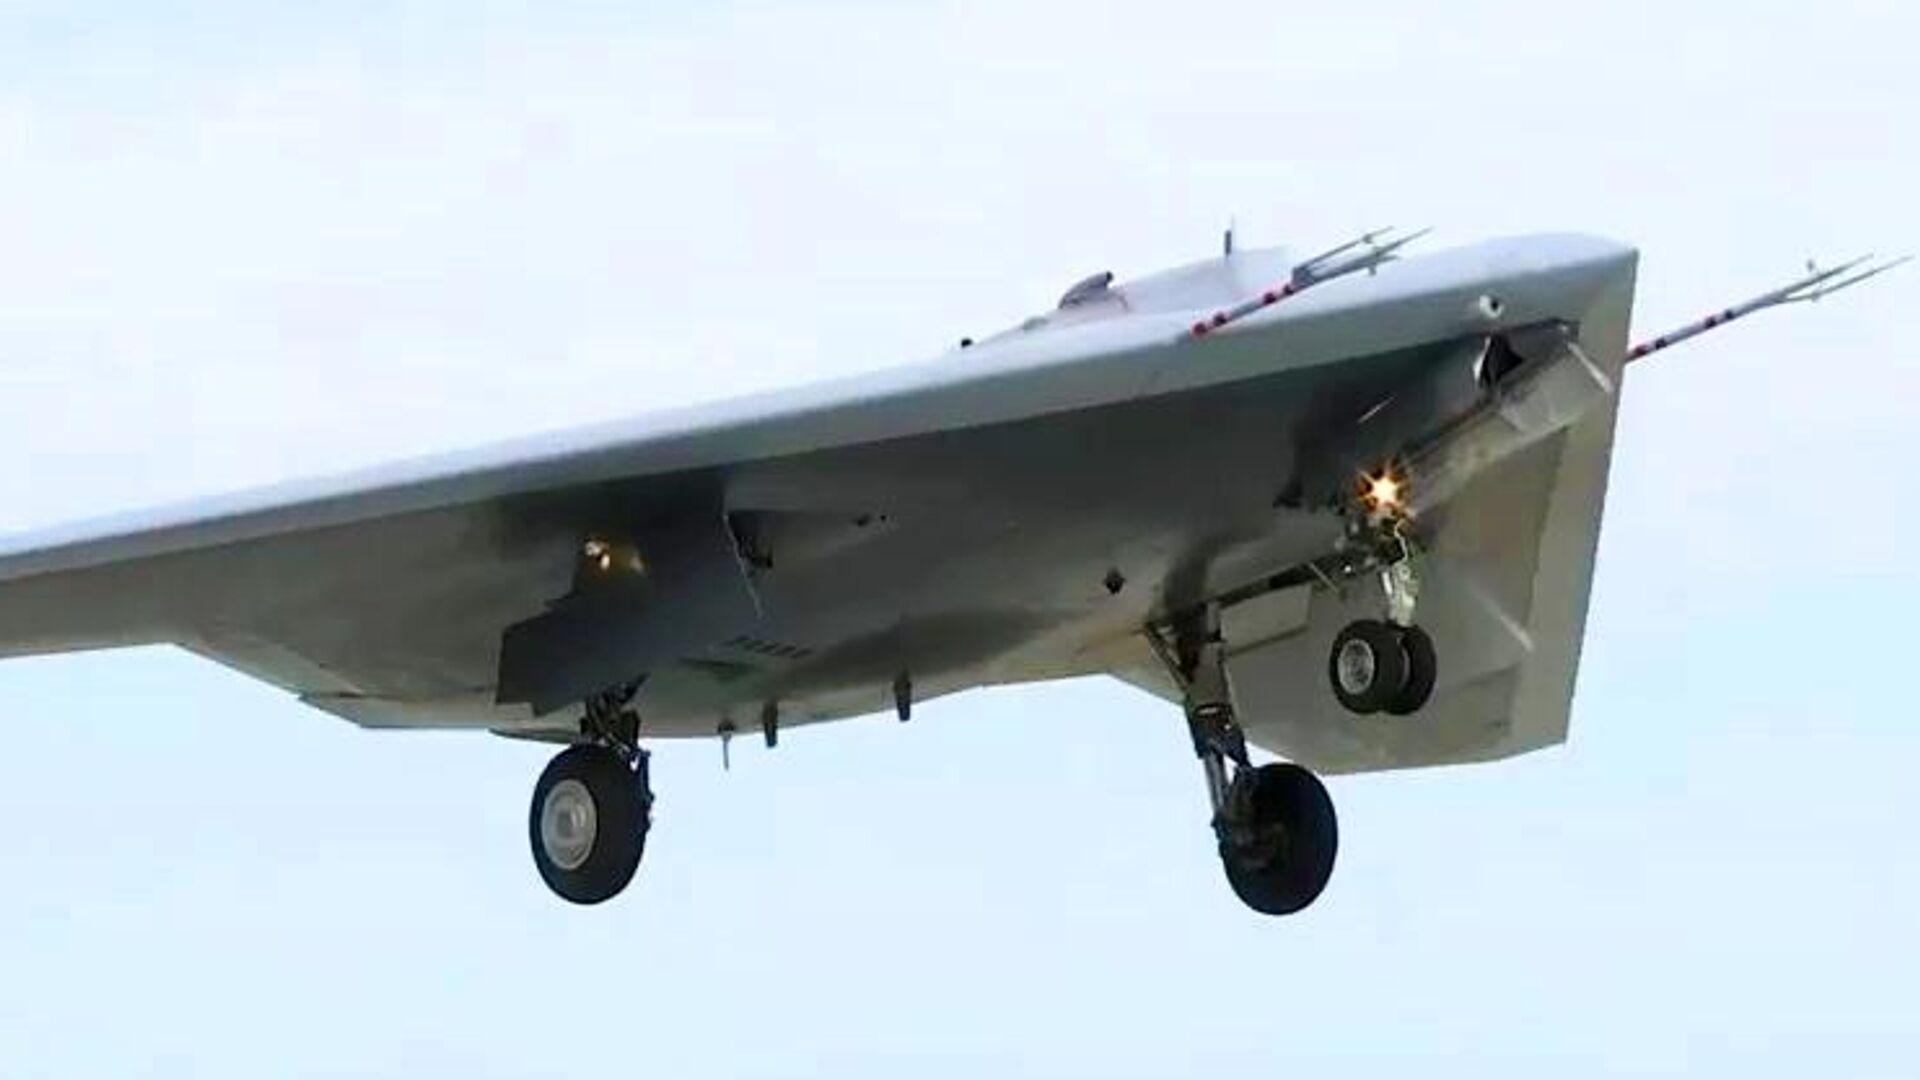 Новейший штурмовик «Охотник» совершил первый совместный полет с Су-57 - РИА Новости, 1920, 12.01.